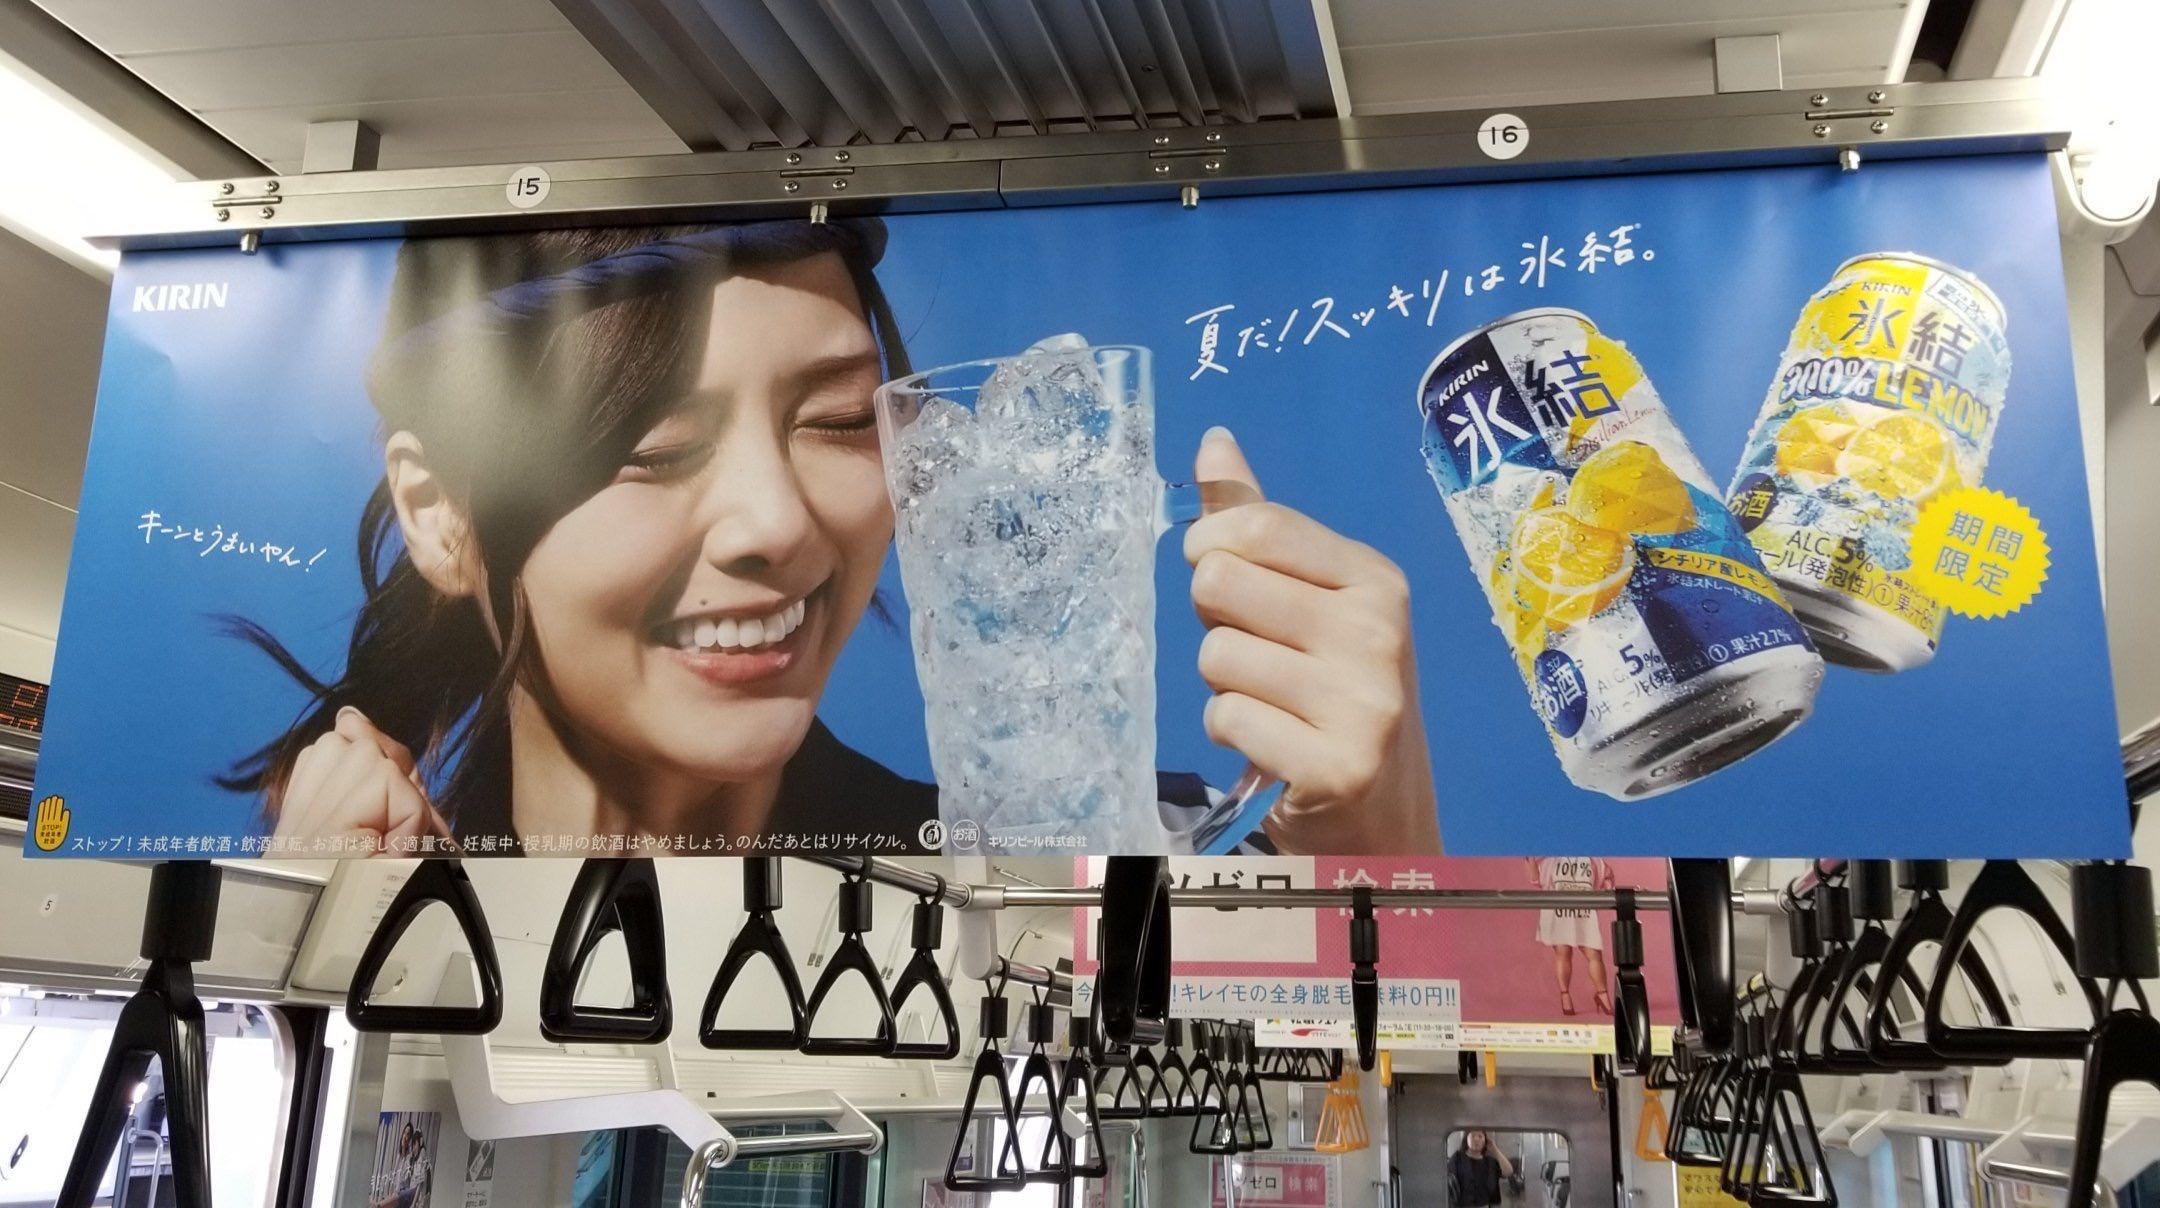 電車 白石麻衣 氷結 広告